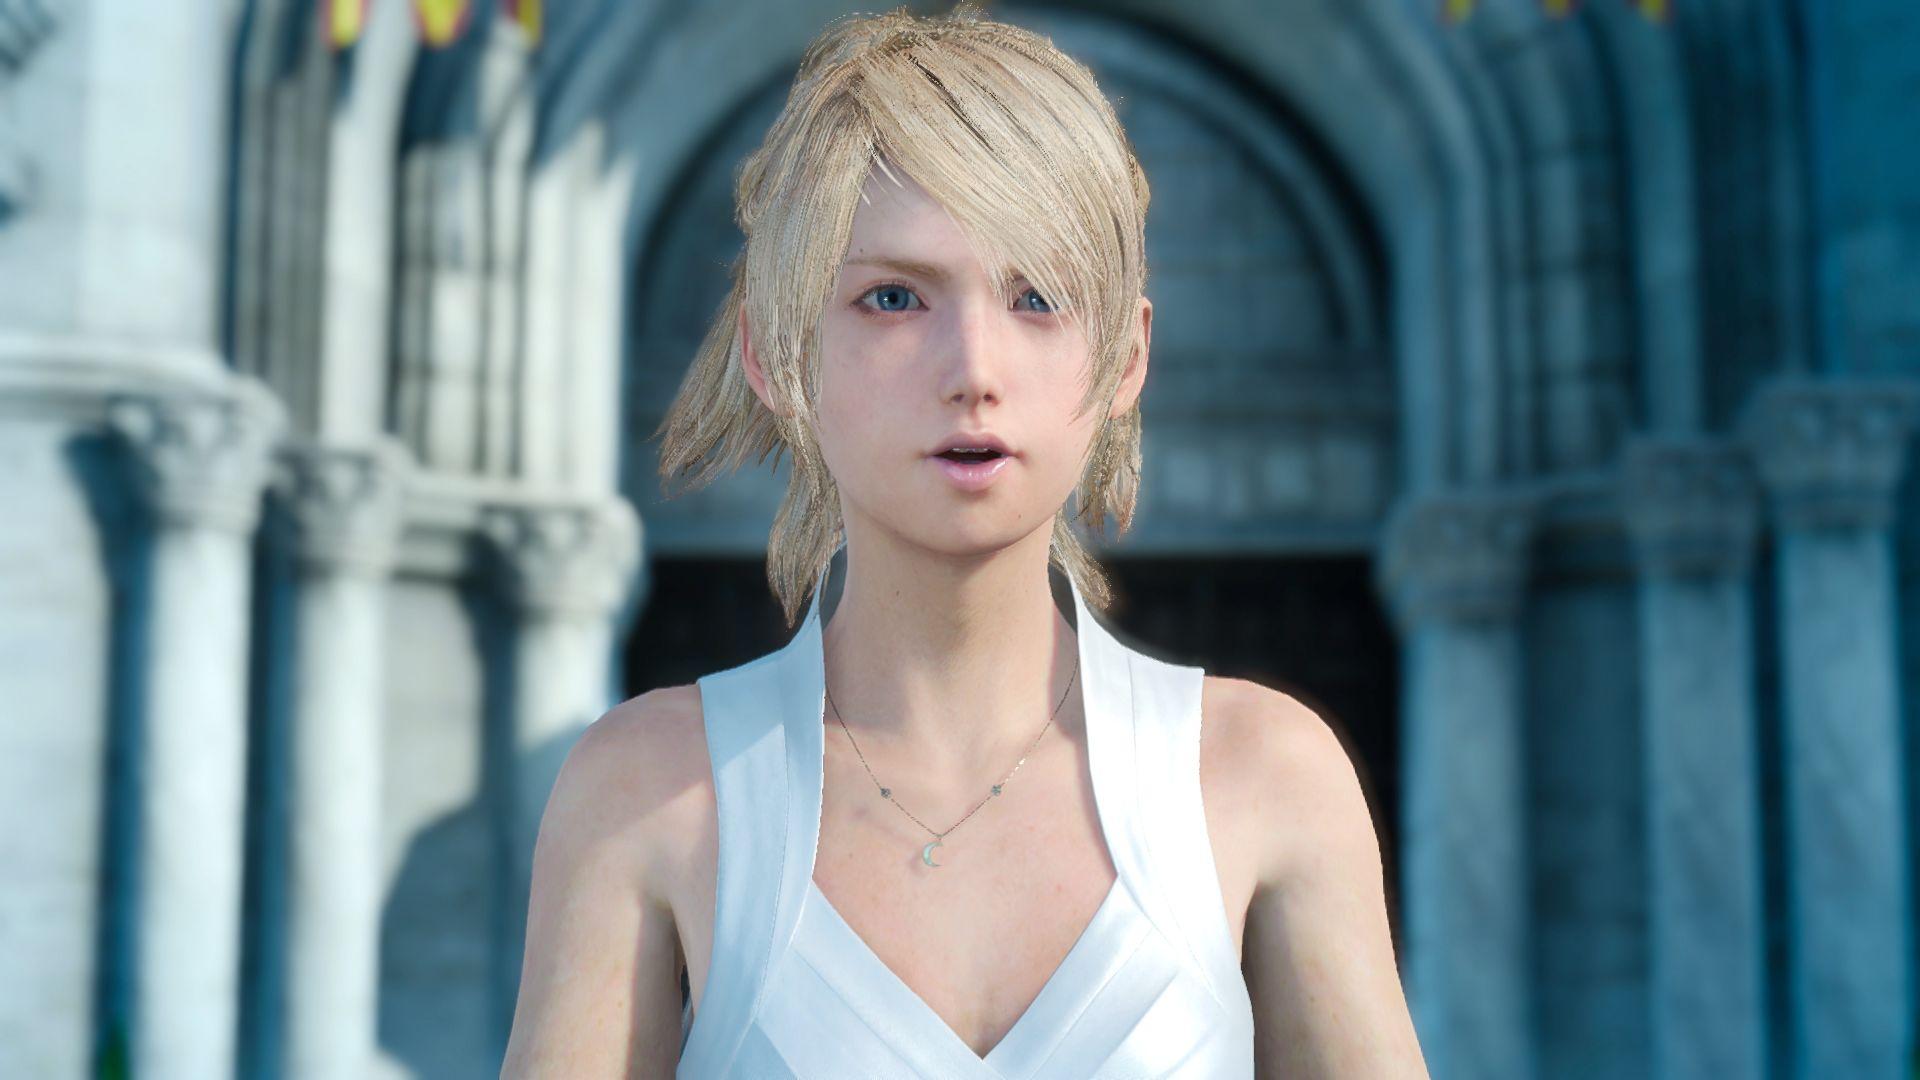 Final_Fantasy_XV_15.jpg